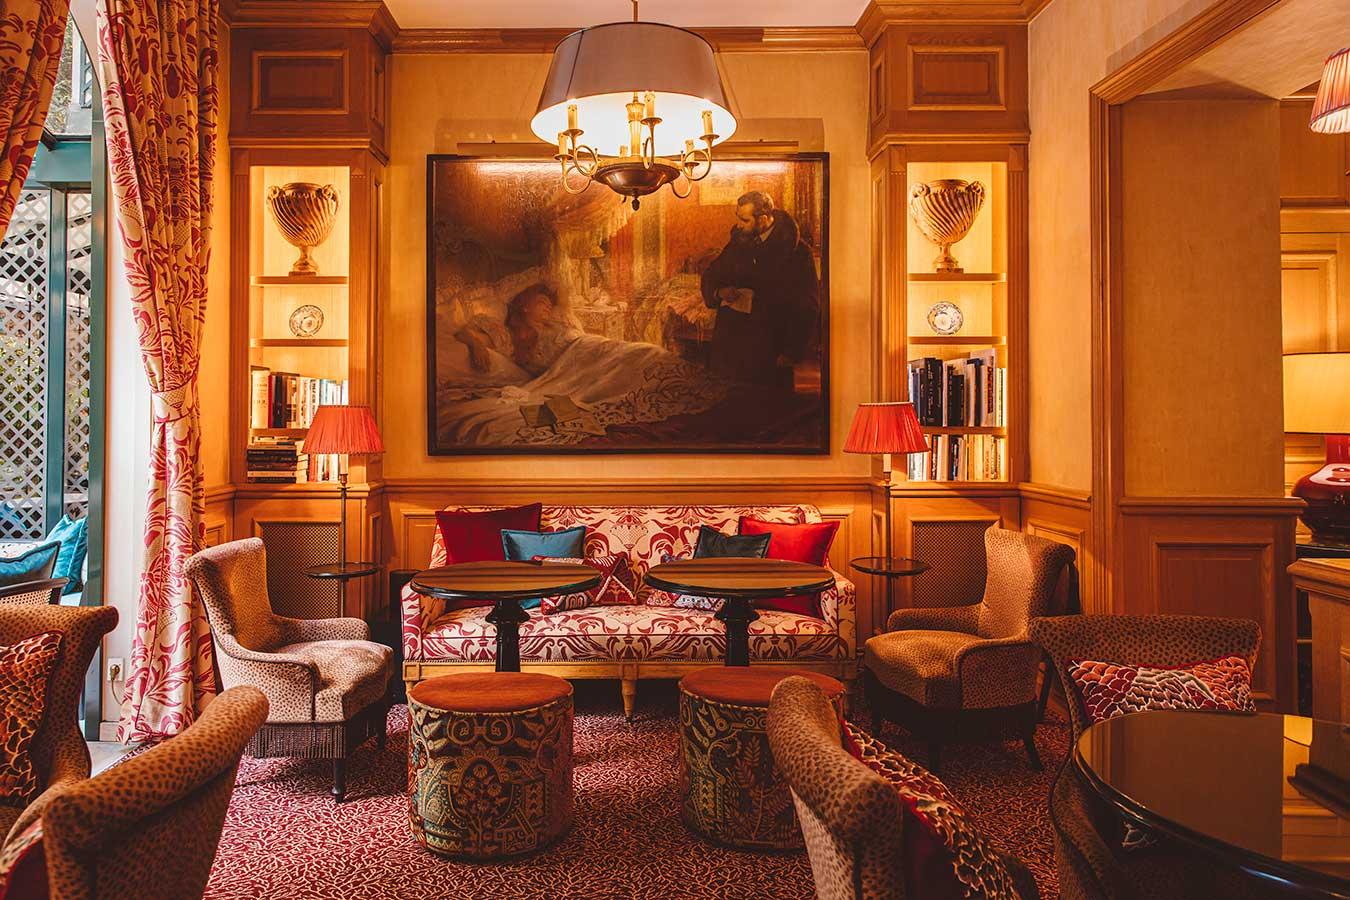 Salon - Fauteuils, canapés et tables rondes, grand tableau et bibliothèques attenantes, lumière venant de la verrière, dans une harmonie de beige et rouge